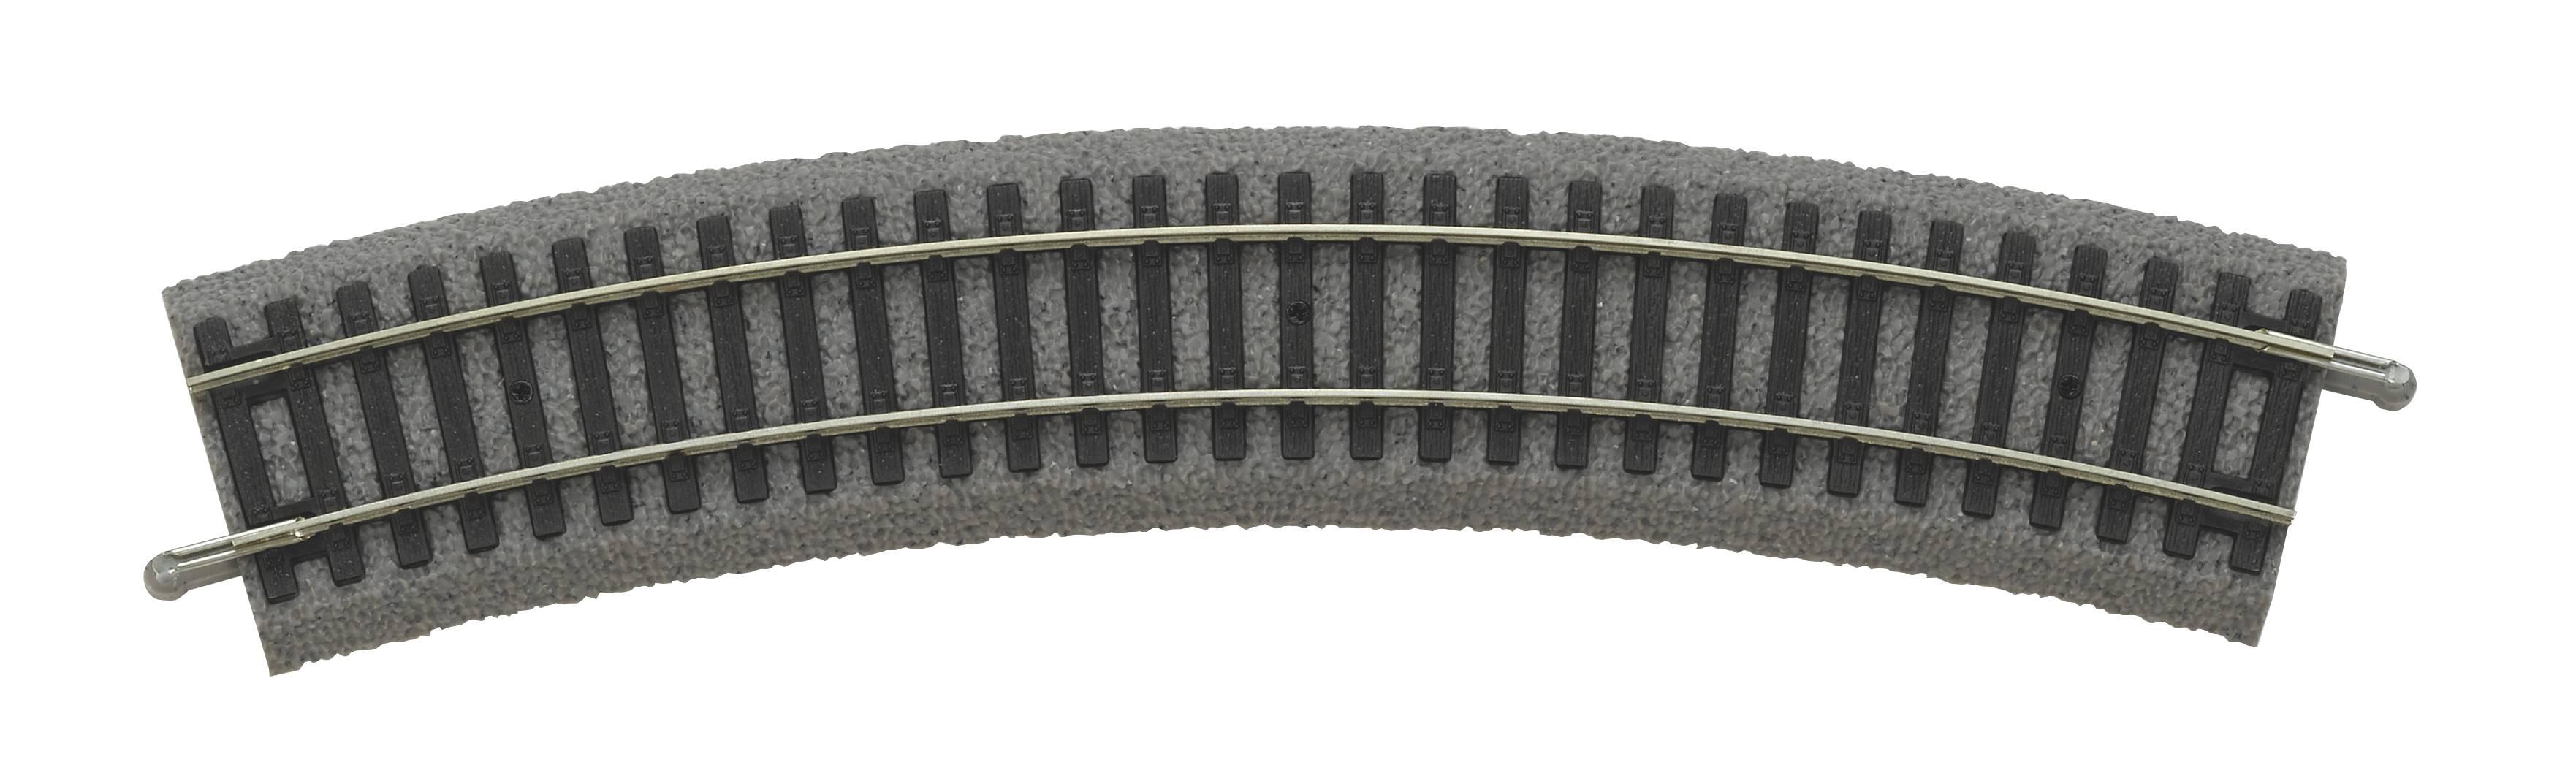 Piko PIKO A-Gleis mit Bettung Bogen R2 422 VE6 55412